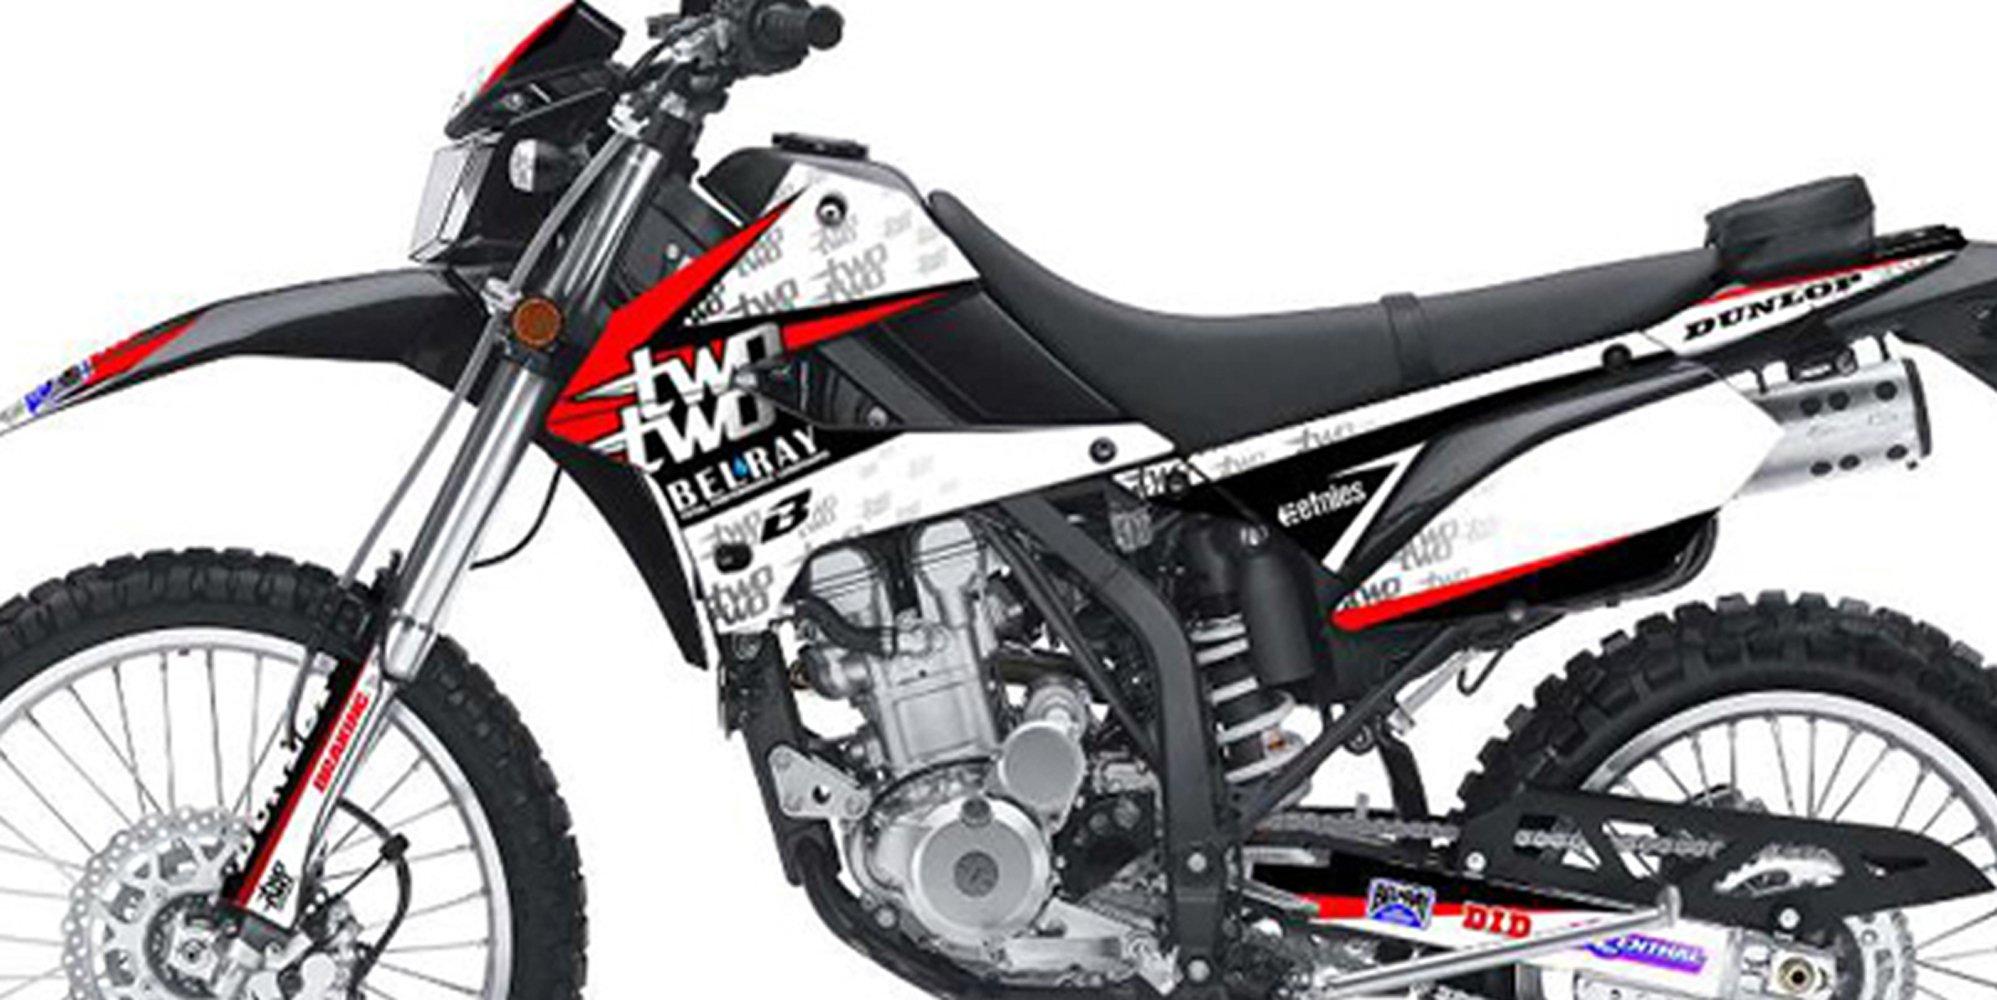 Kawasaki KLX 250 Custom Sticker Graphic Decals Kits BAT TwoTwo Motorsports